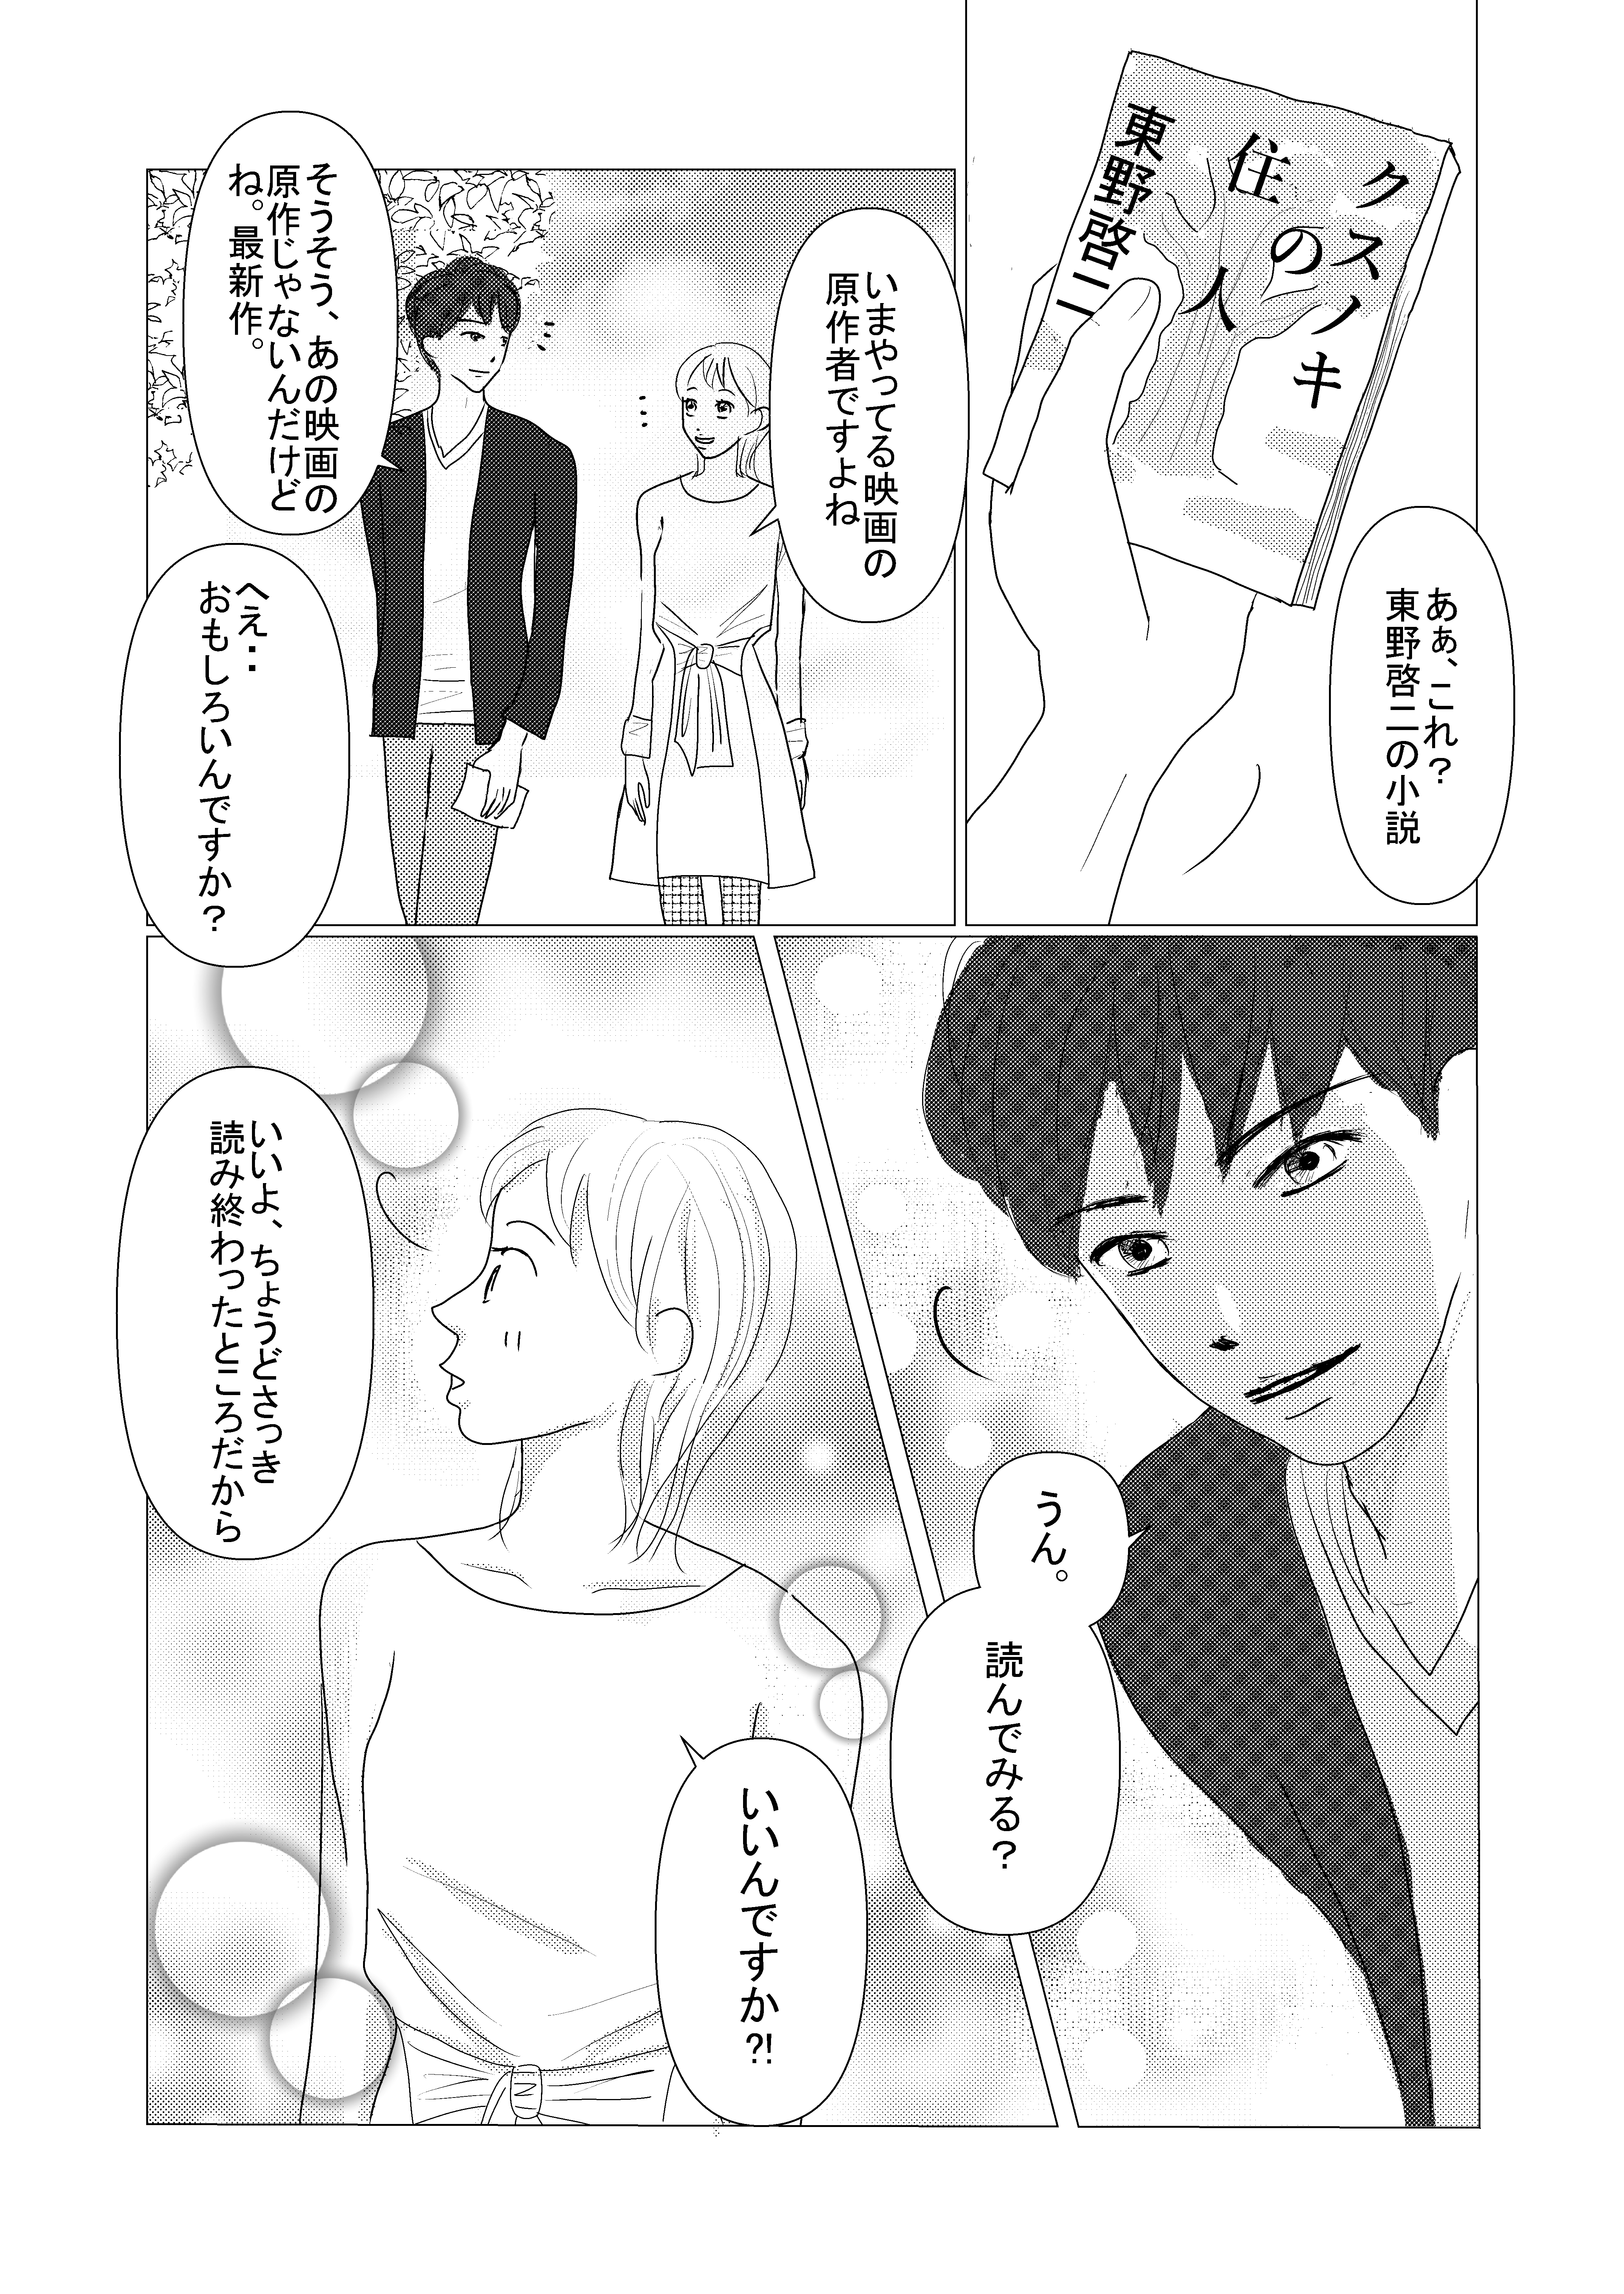 恋愛漫画/大学生/社会人/大学生で初めて付き合う/shoujyo manga/米加夢/36ページ